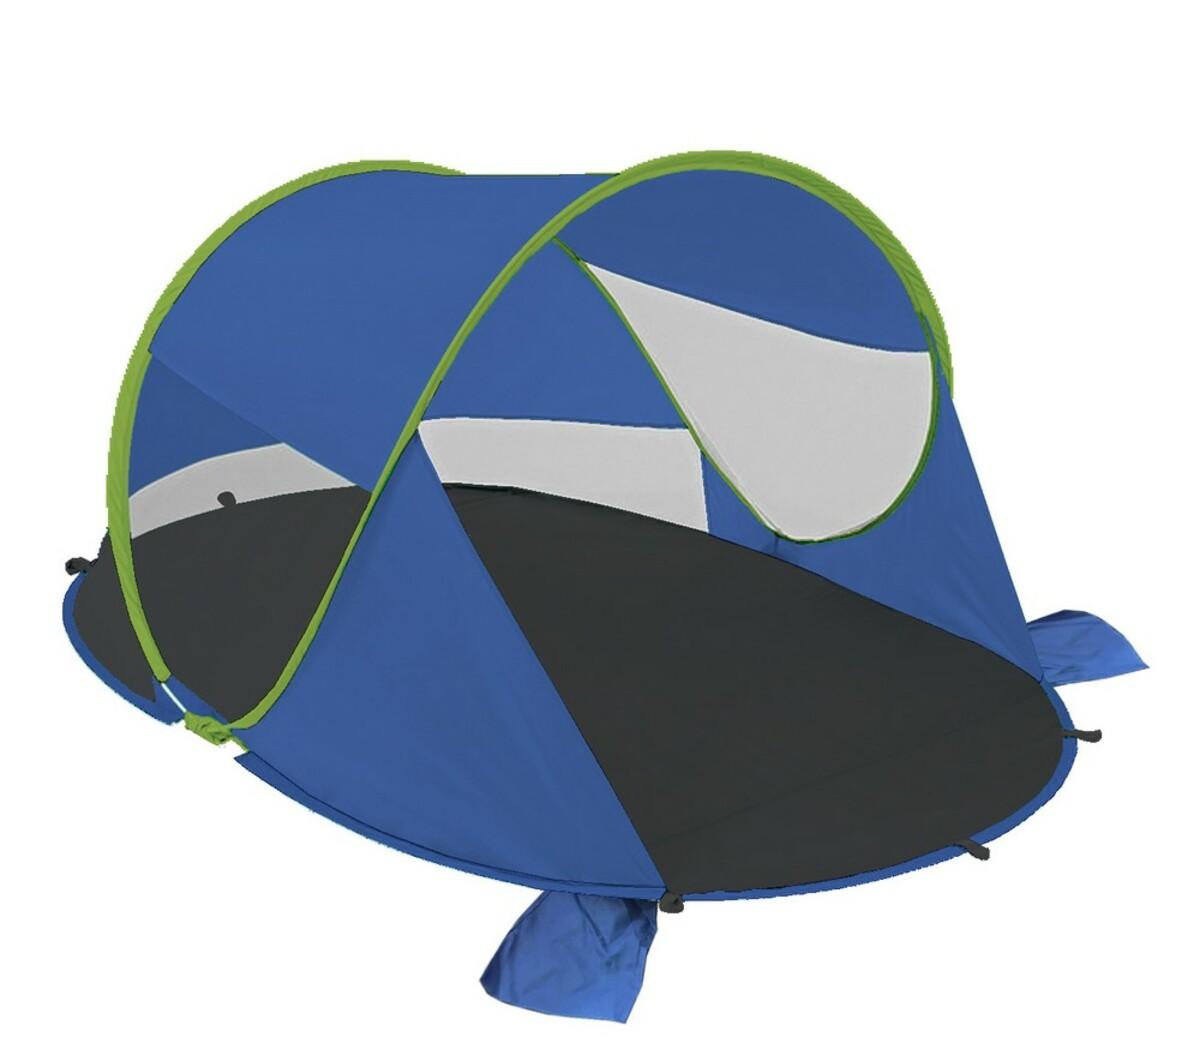 """Bild 1 von Solax-Sunshine Strandmuschel mit """"Pop-up""""-Funktion blau/grün"""